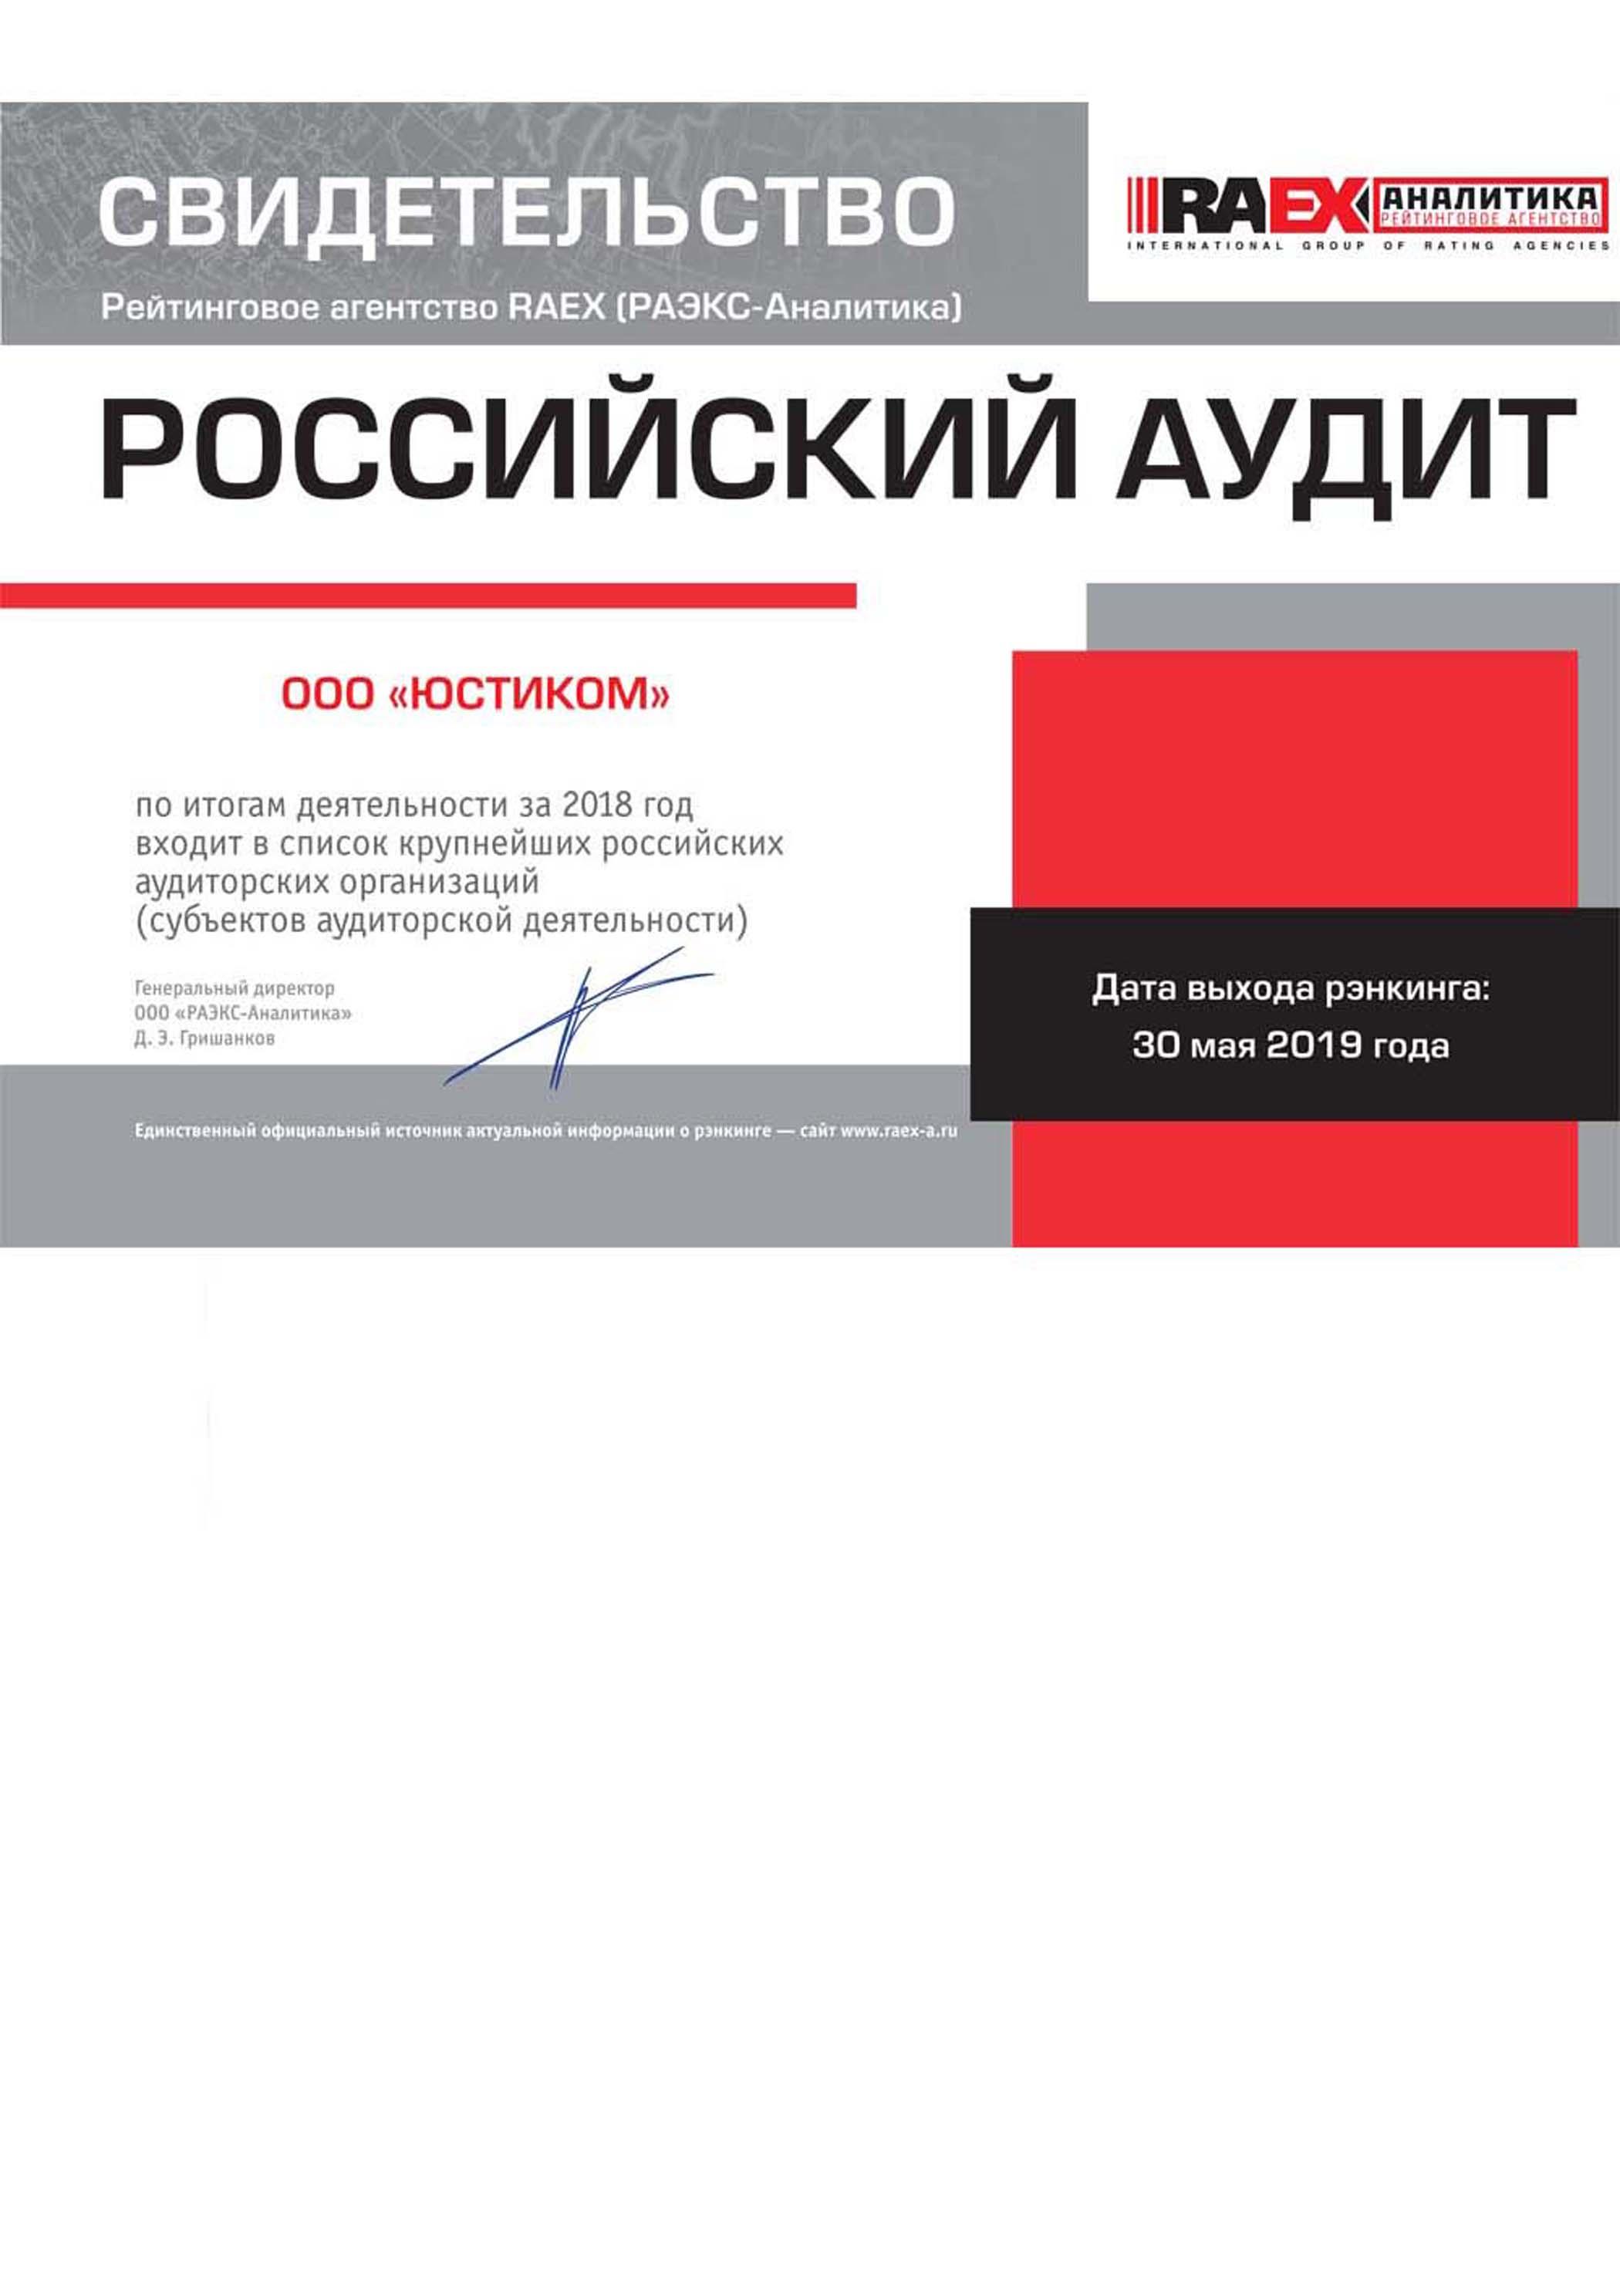 Свидетельство Российский аудит Юстиком